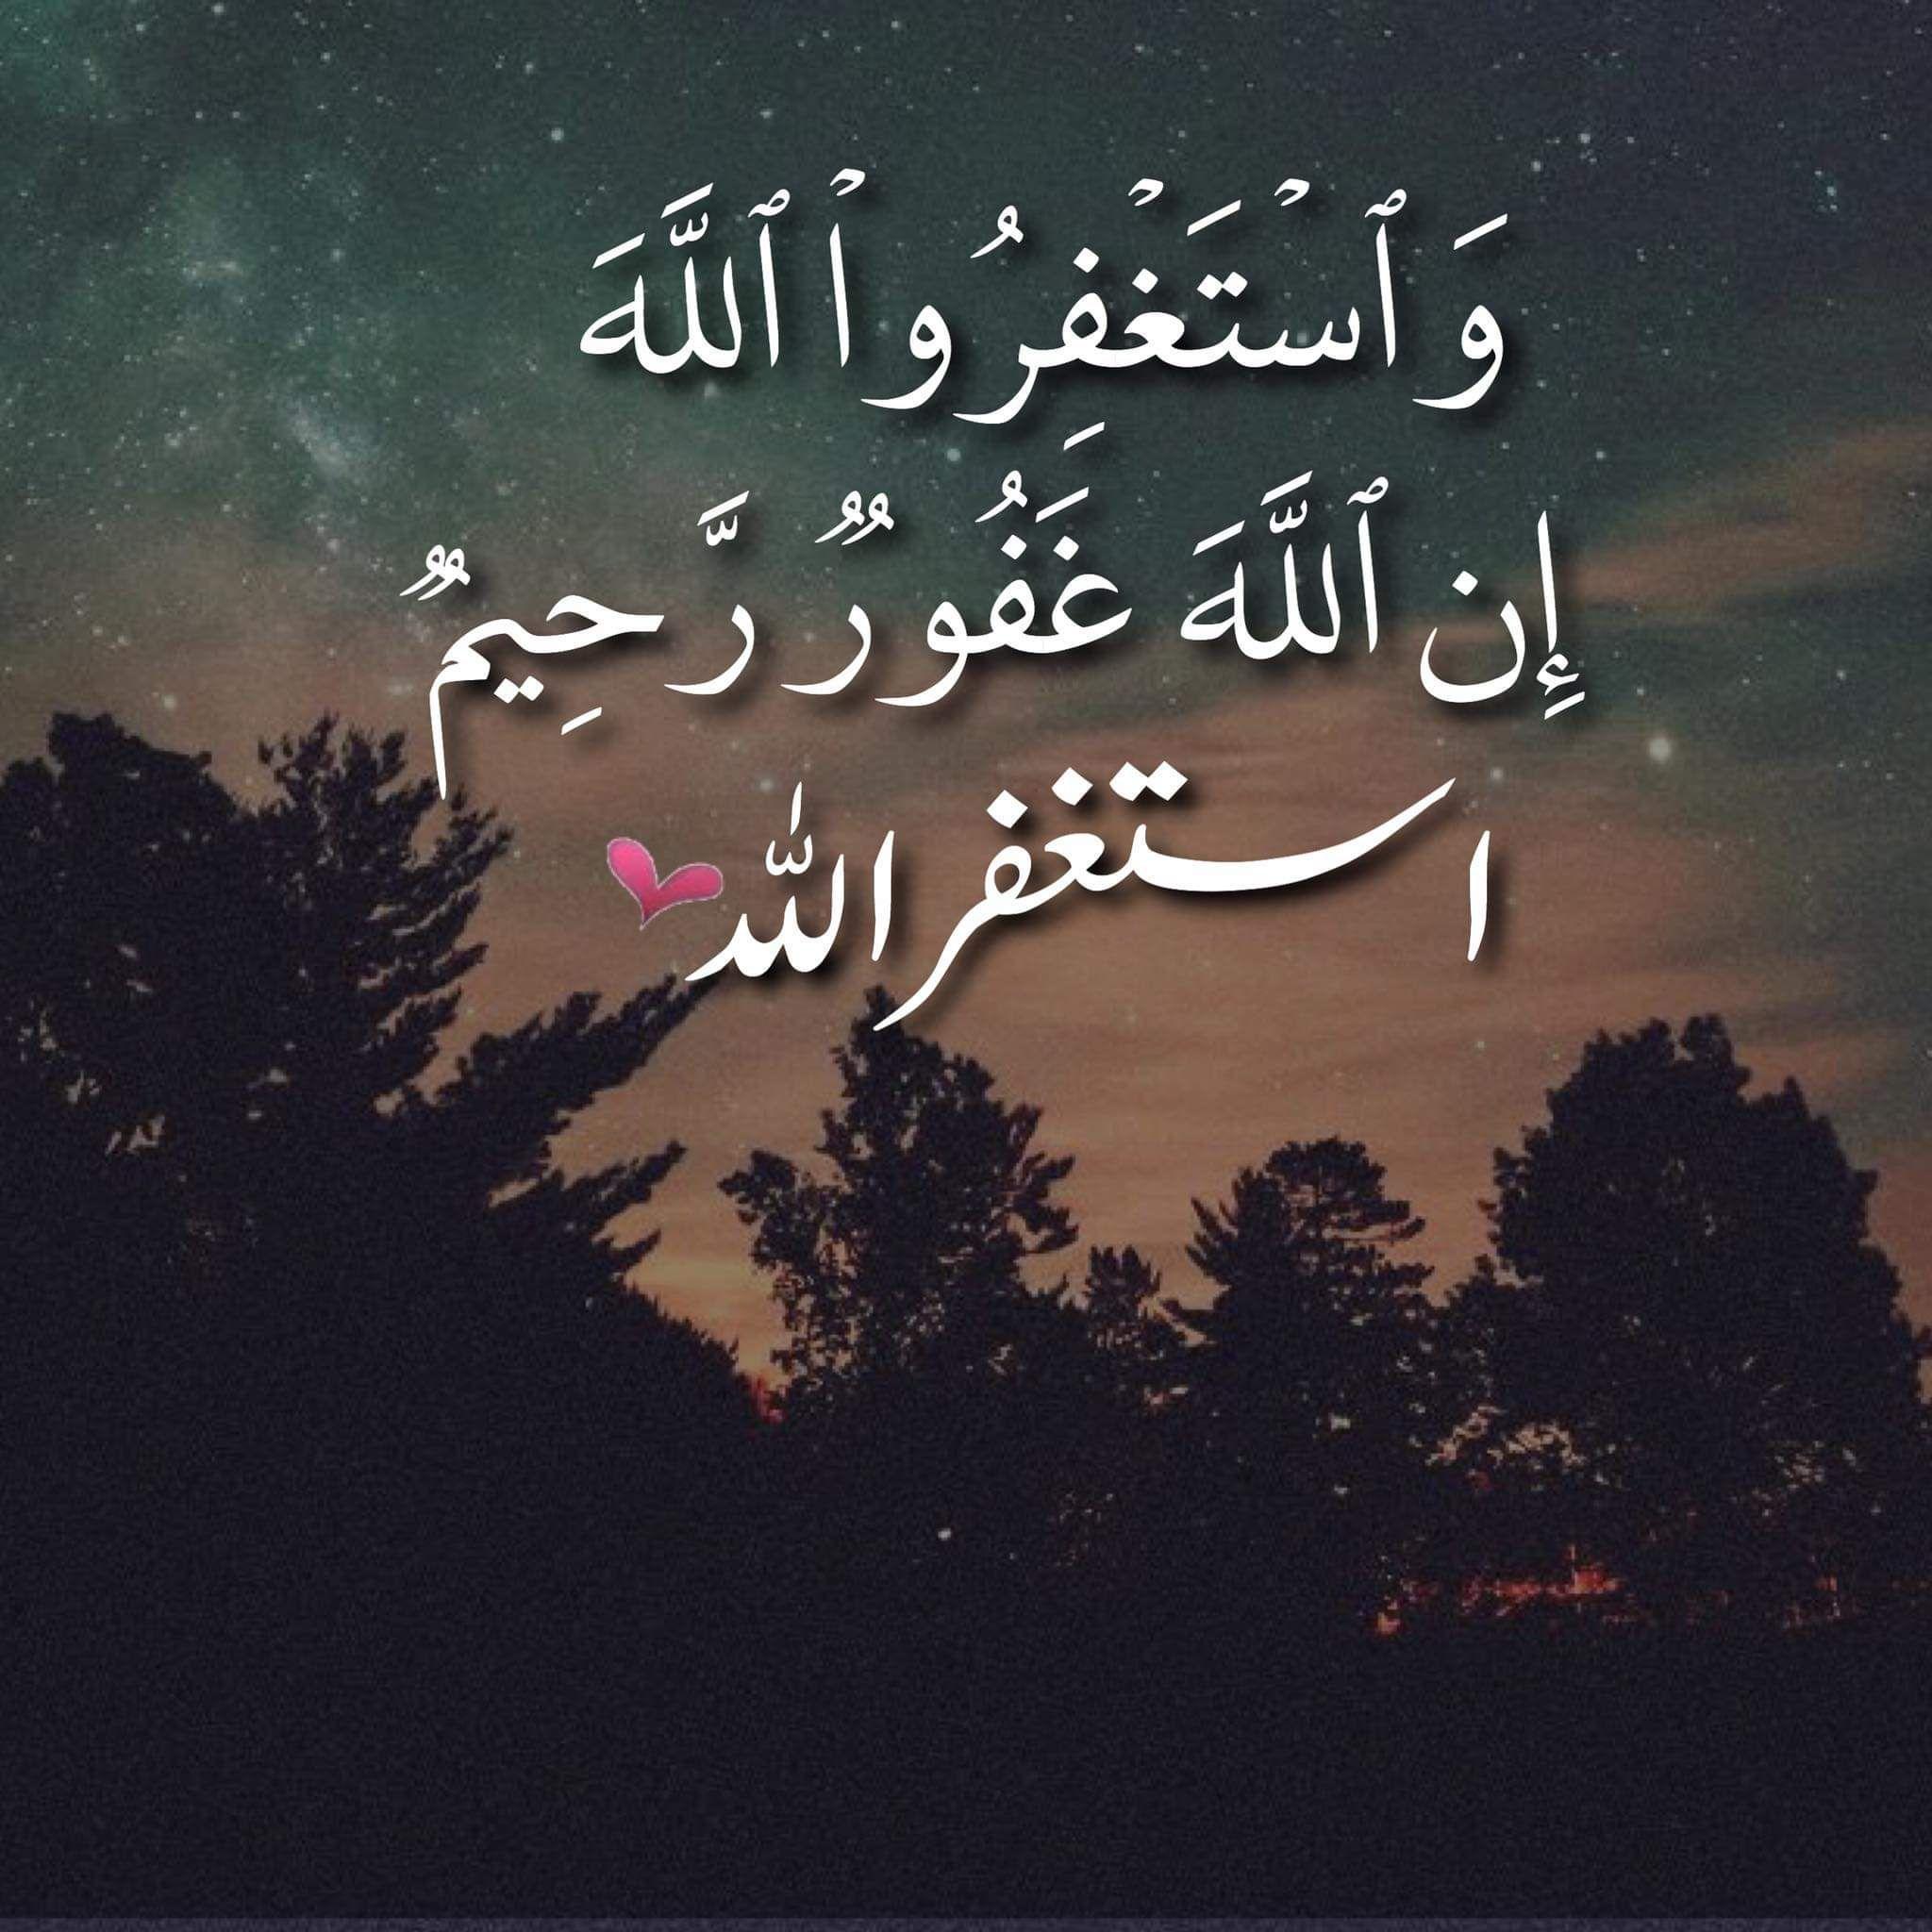 عبارات اسلامية مؤثرة Islamic Love Quotes Islamic Phrases Quran Wallpaper